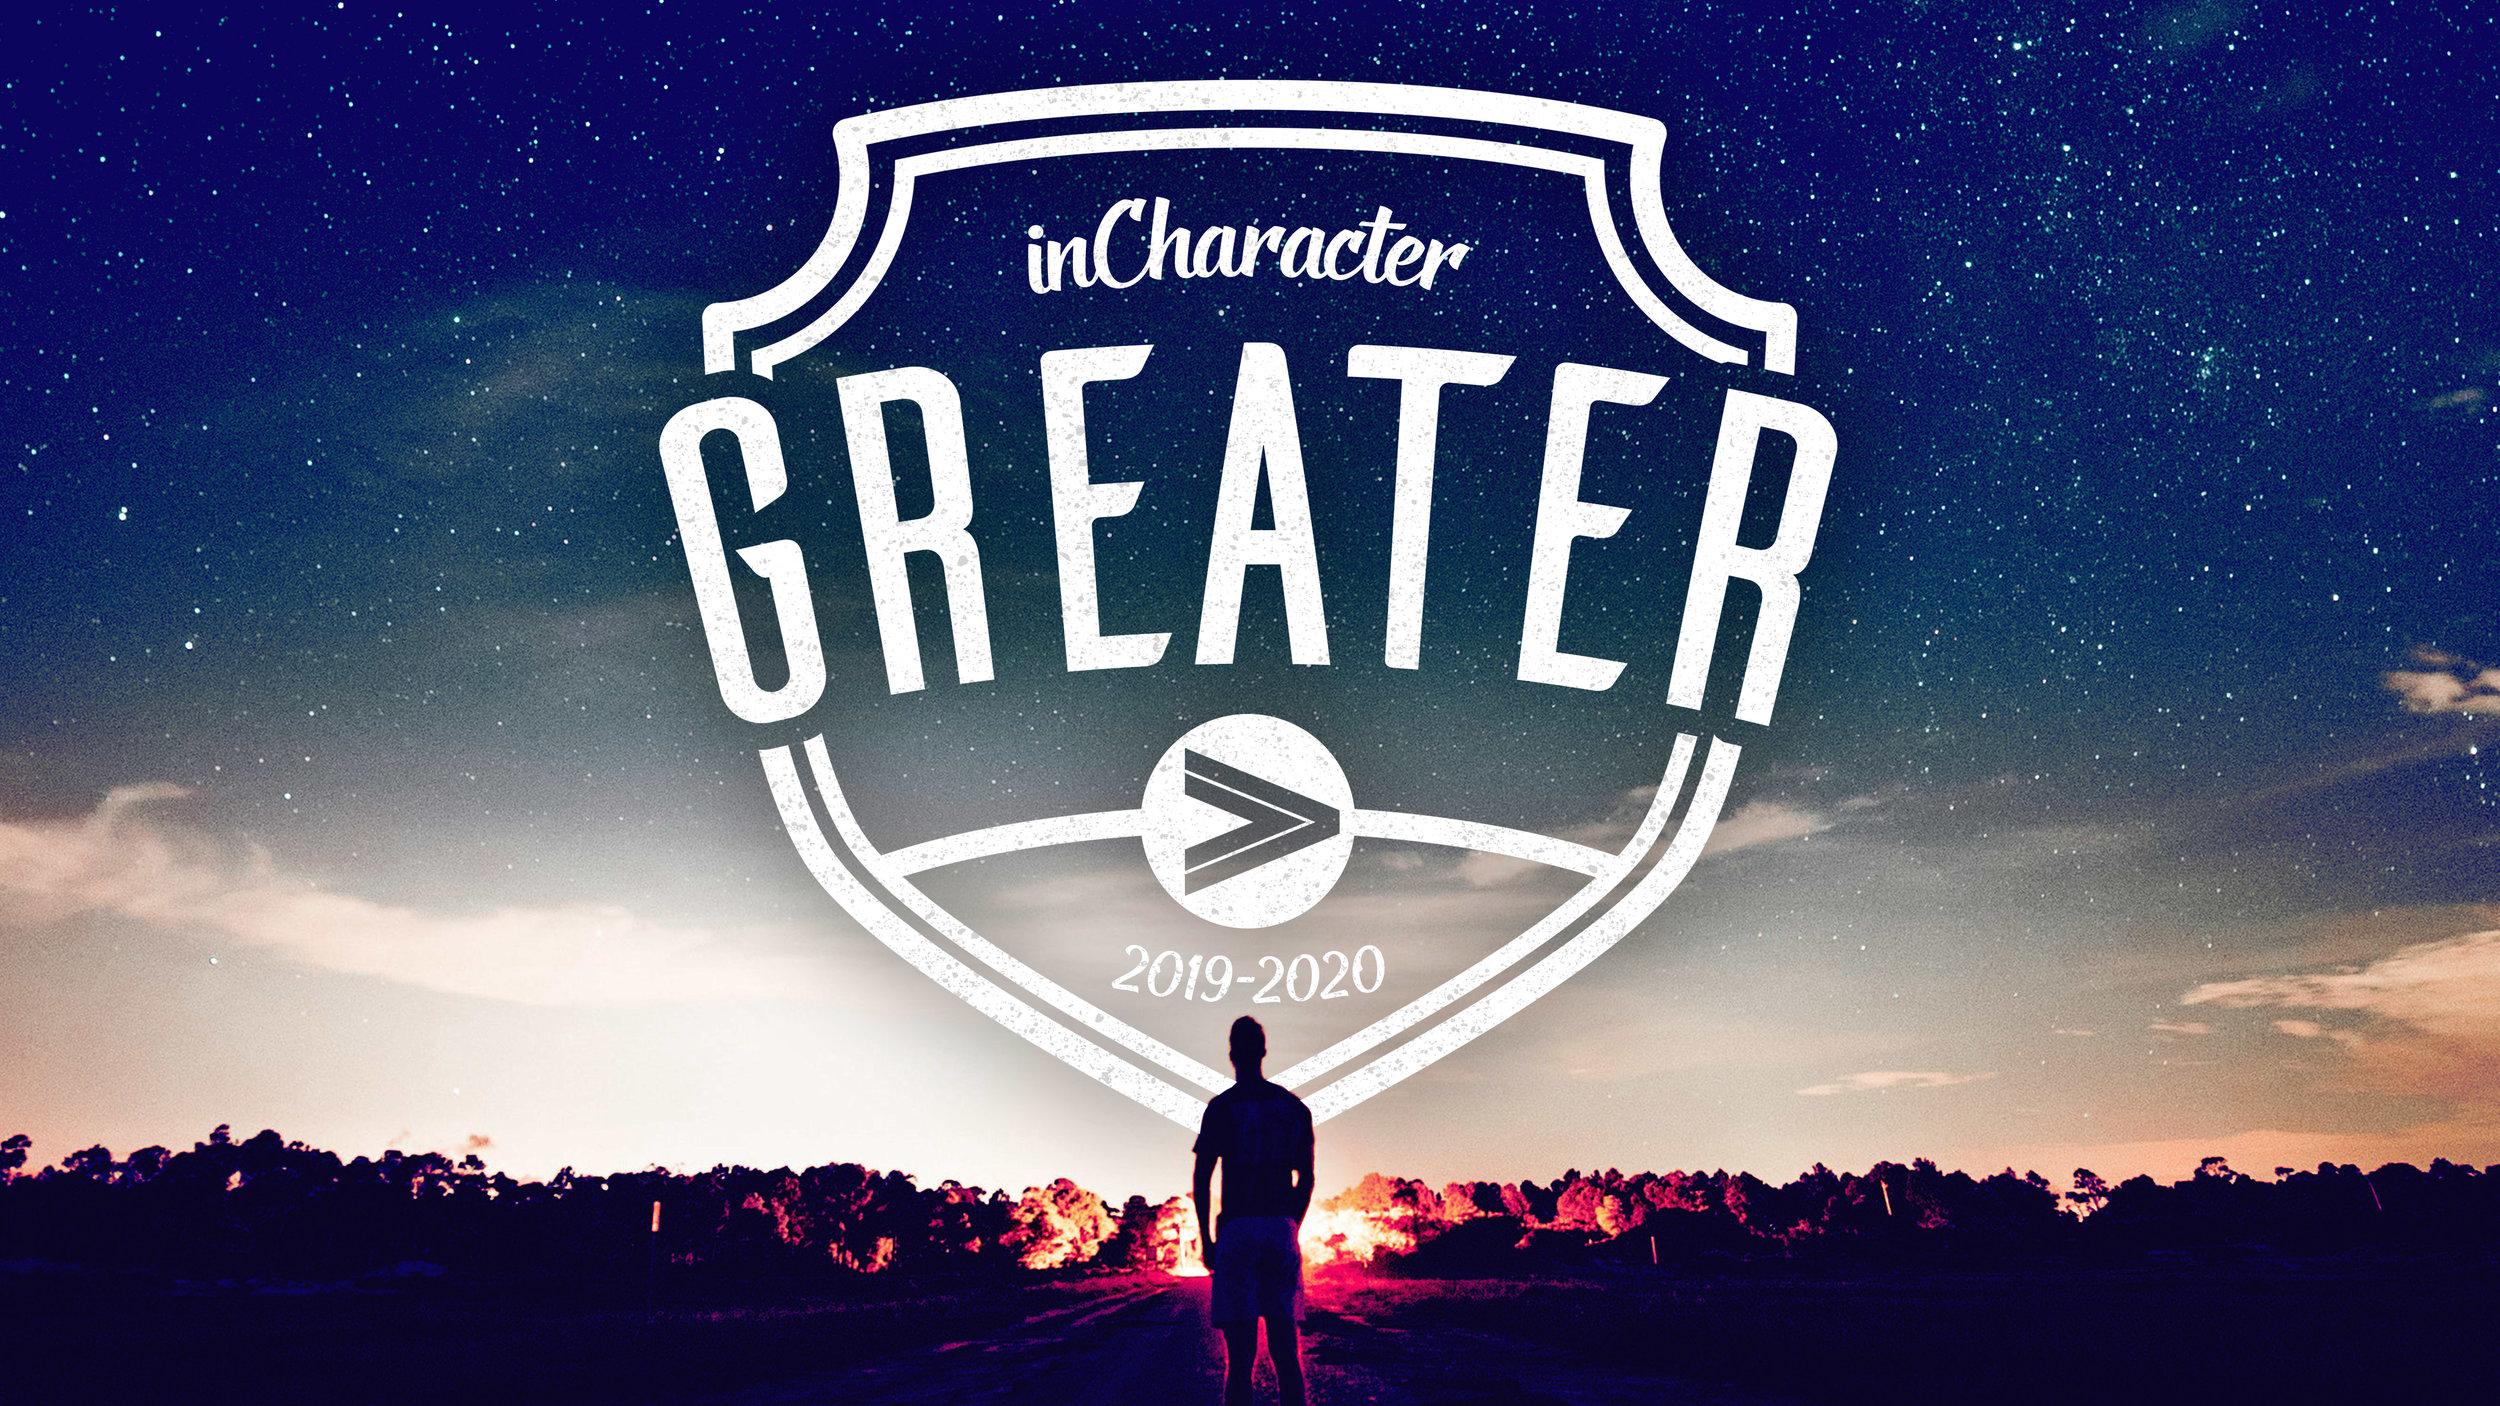 Greater Logo iC Theme 19-20 Take2.jpg